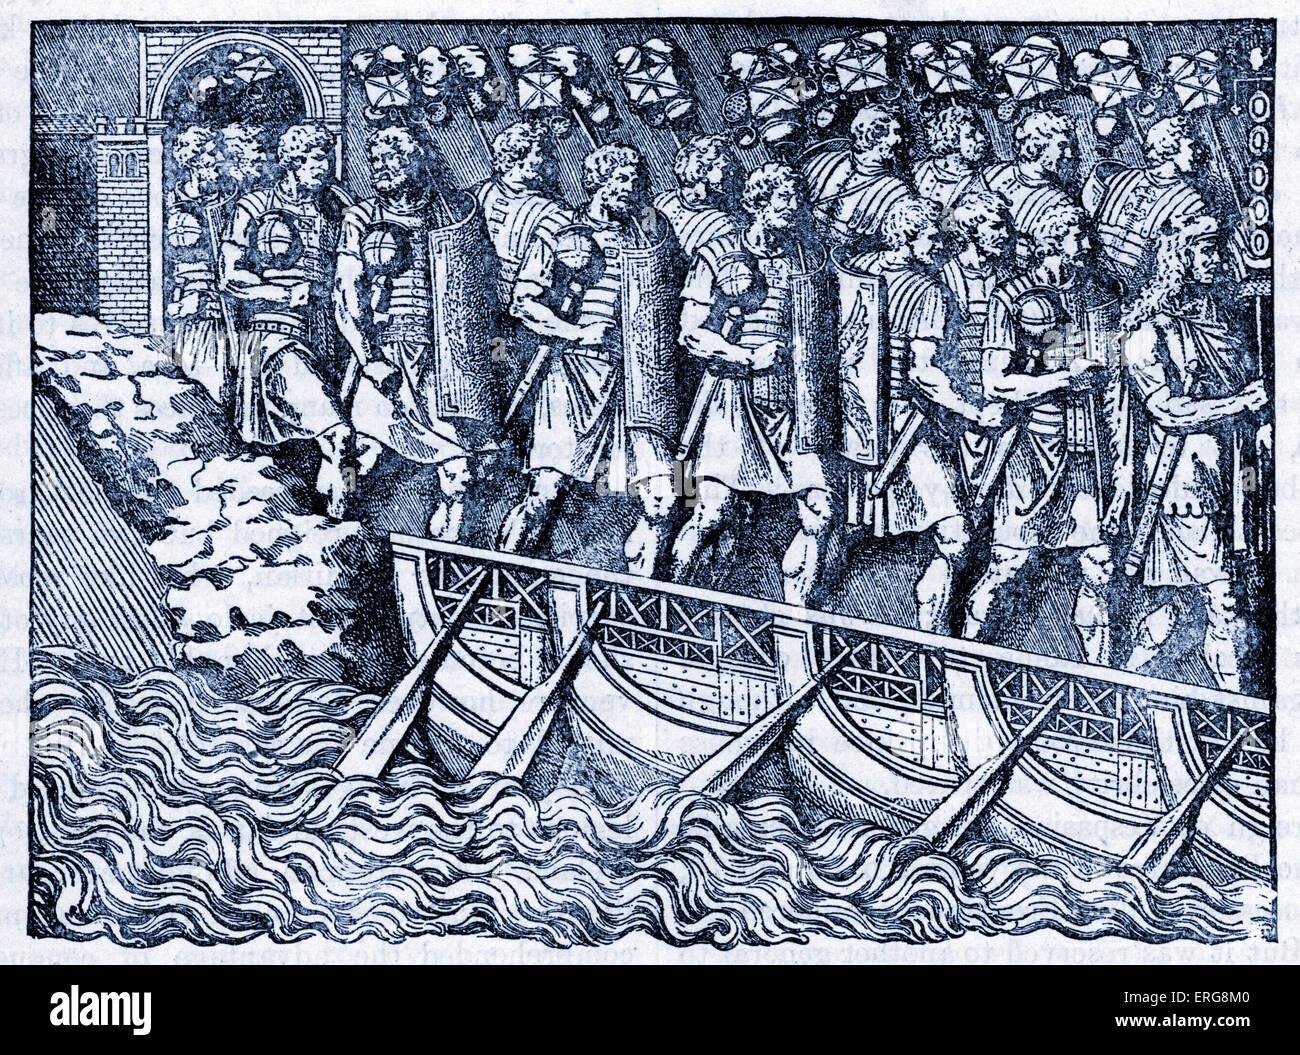 Trajanssäule, Rom, Italien - Abbildung. Römische Soldaten vorbei über eine Brücke der Boote. Stockbild